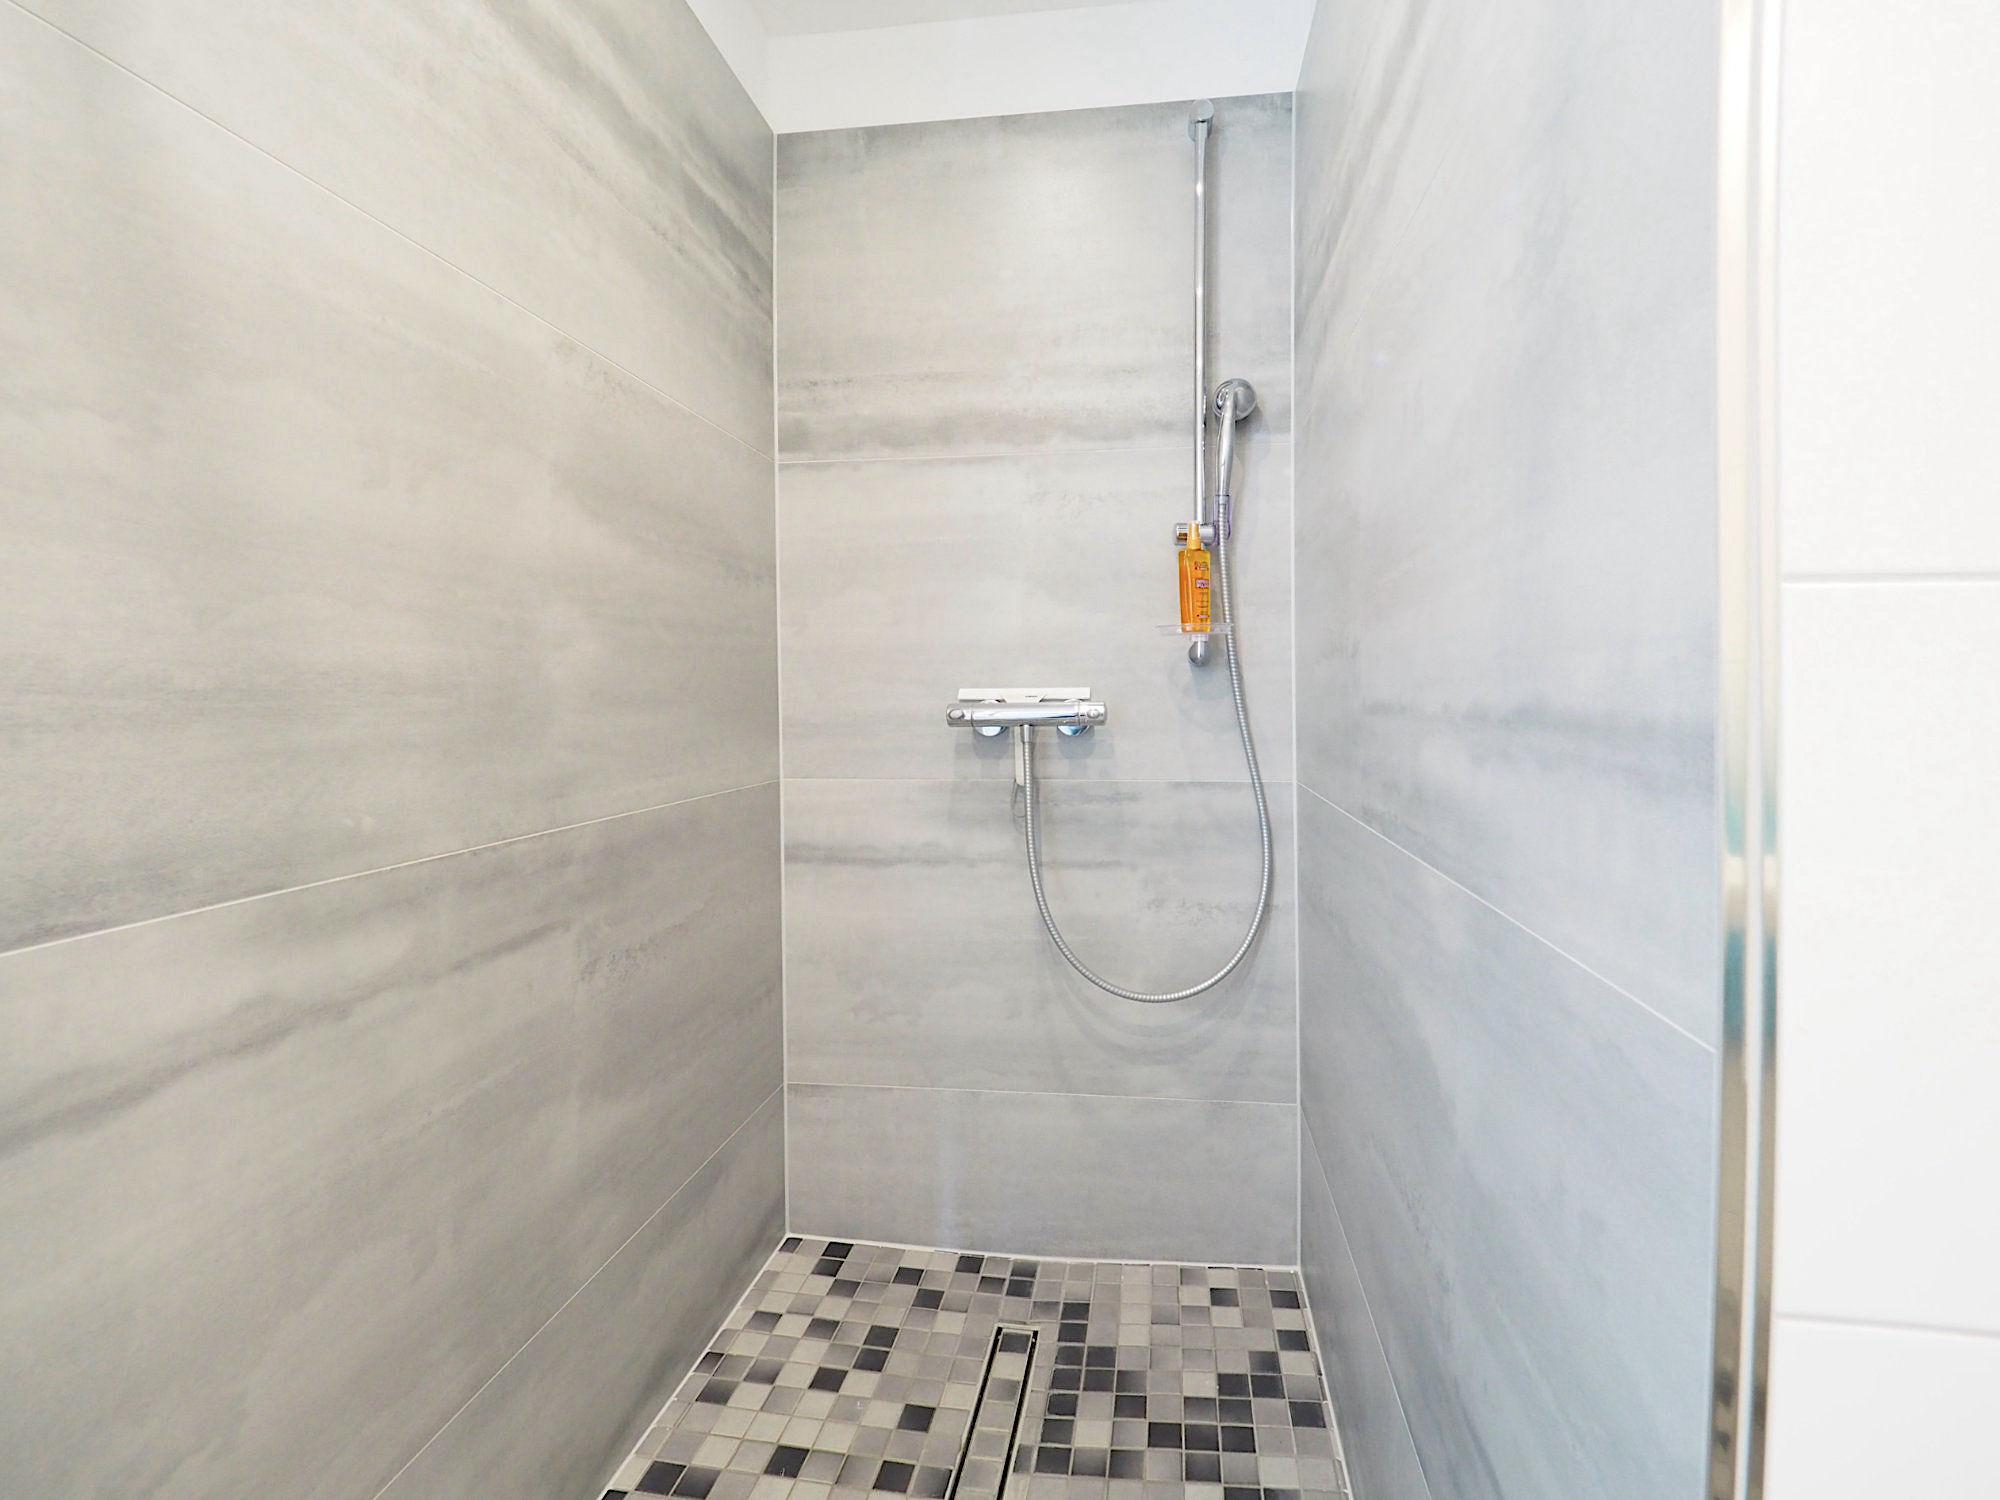 Duschbad mit bodentiefer, gefliester Dusche